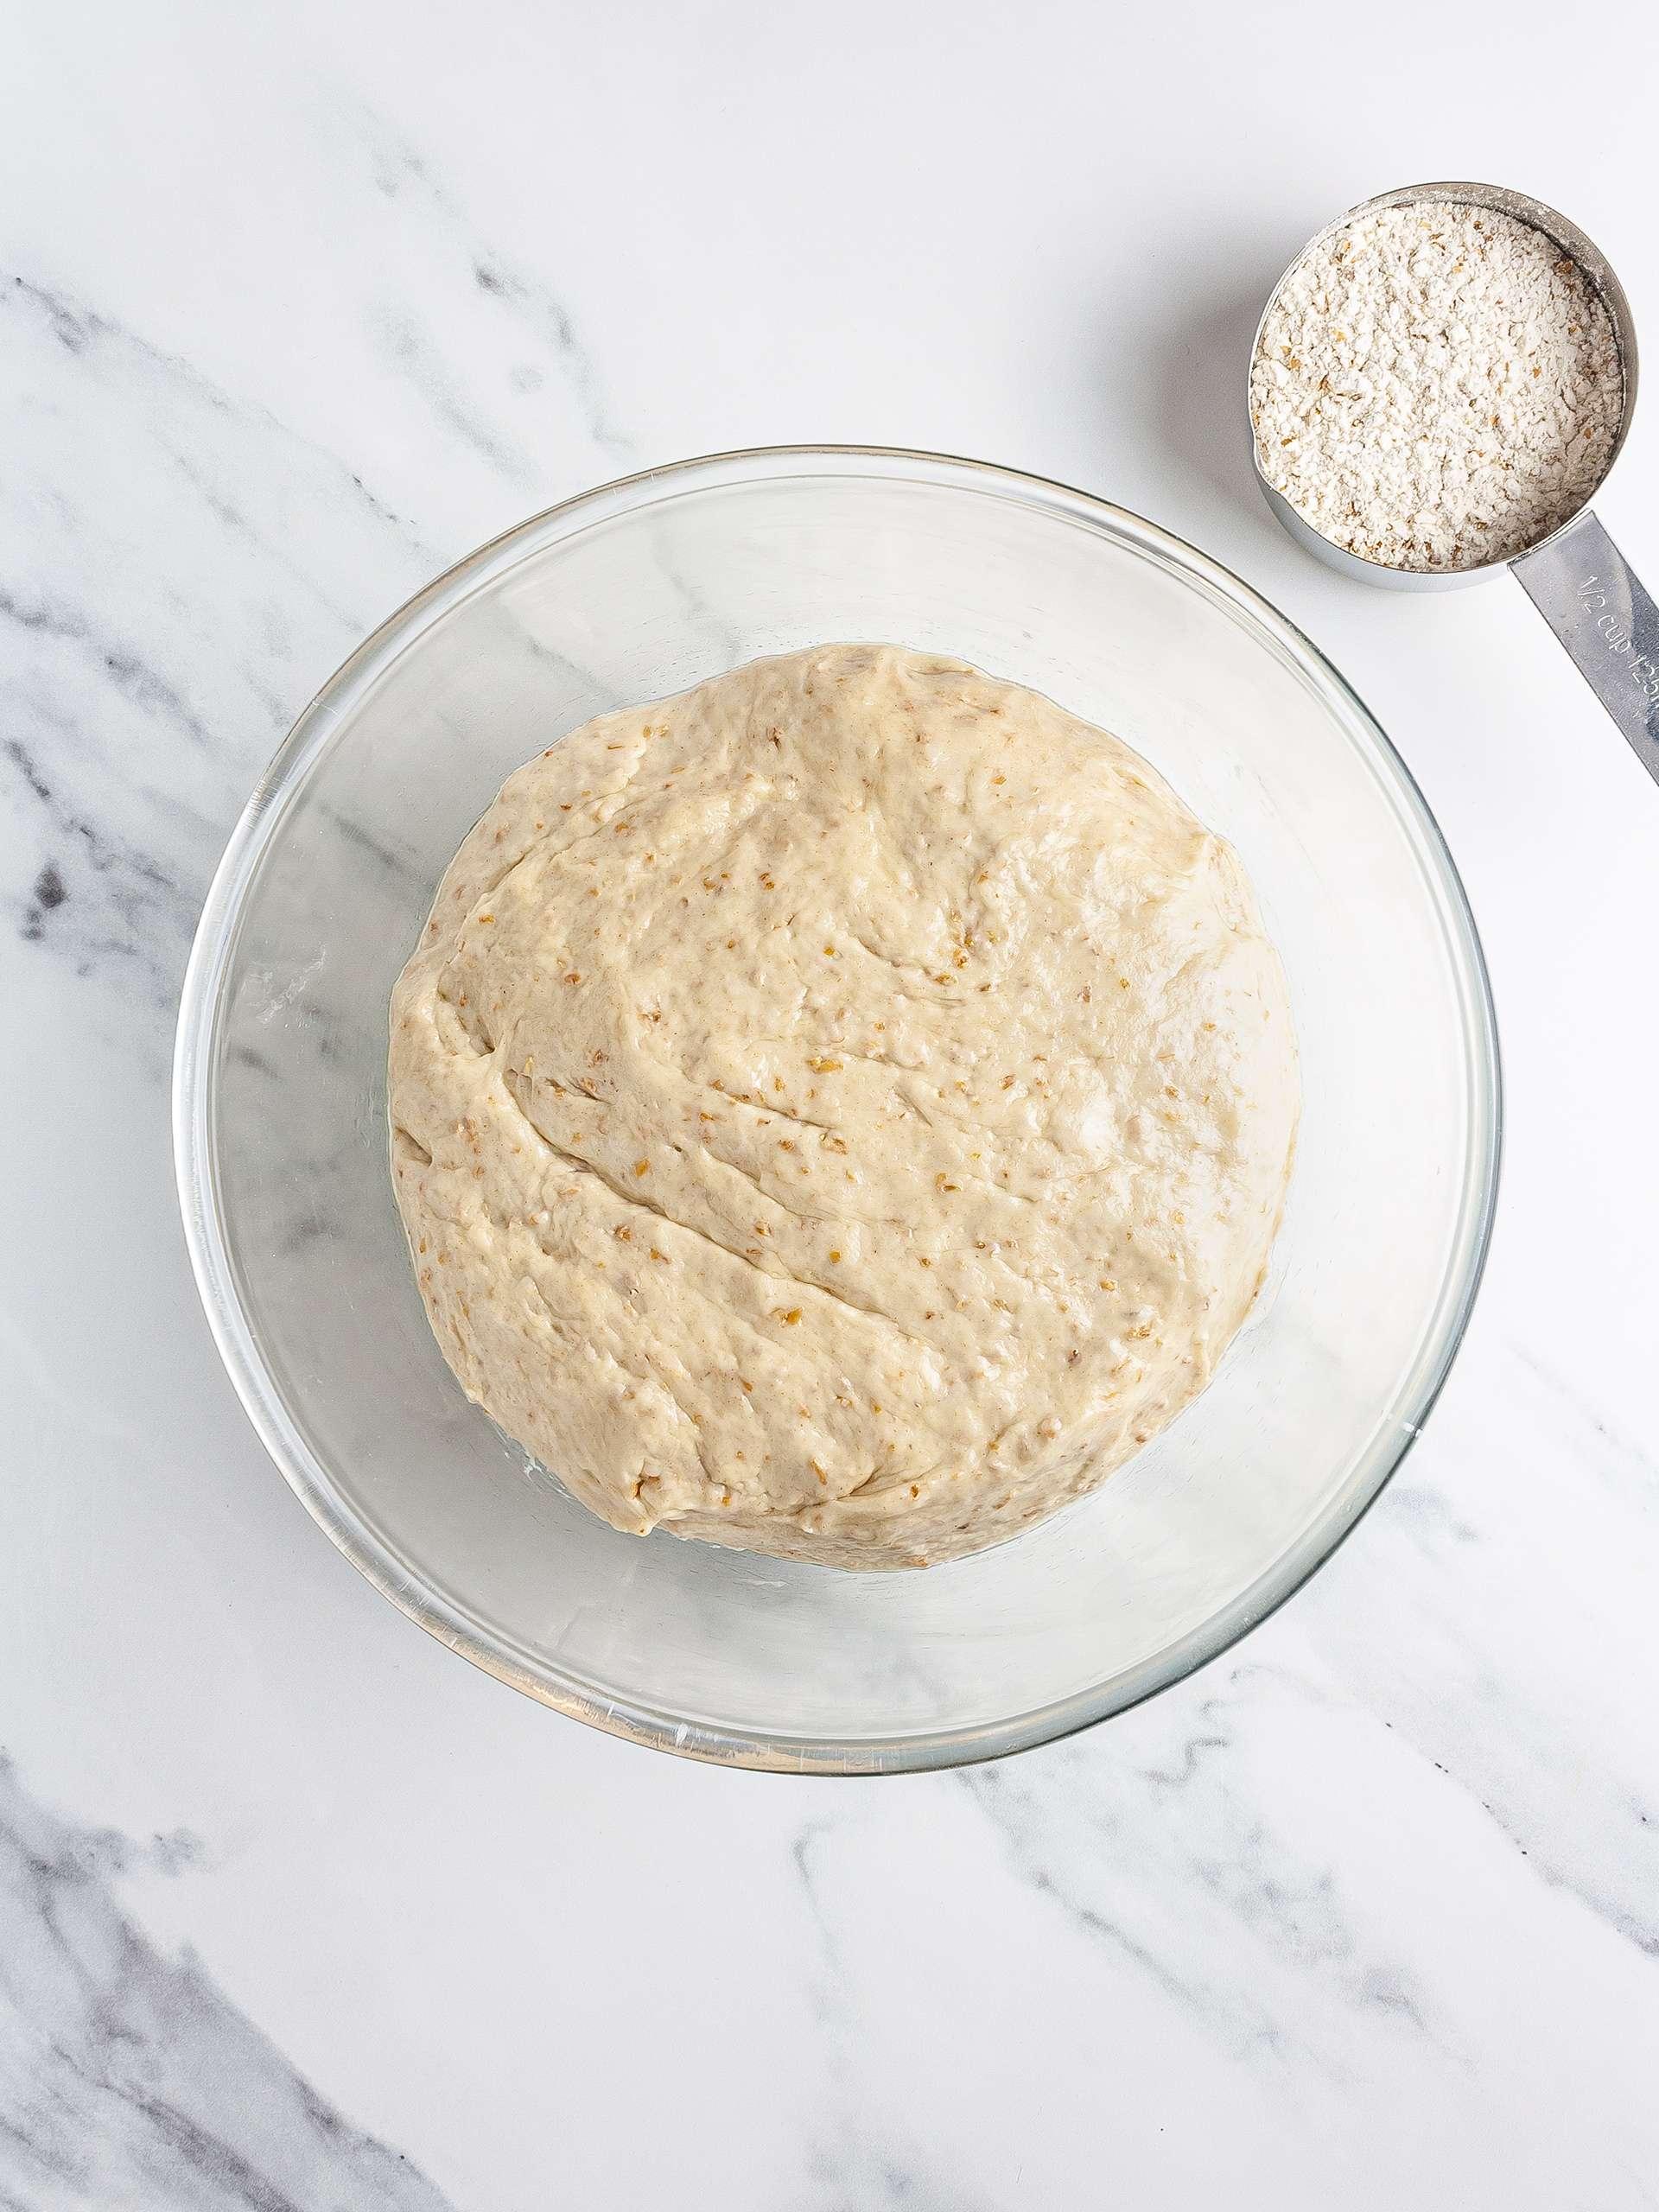 Sourdough croissant dough